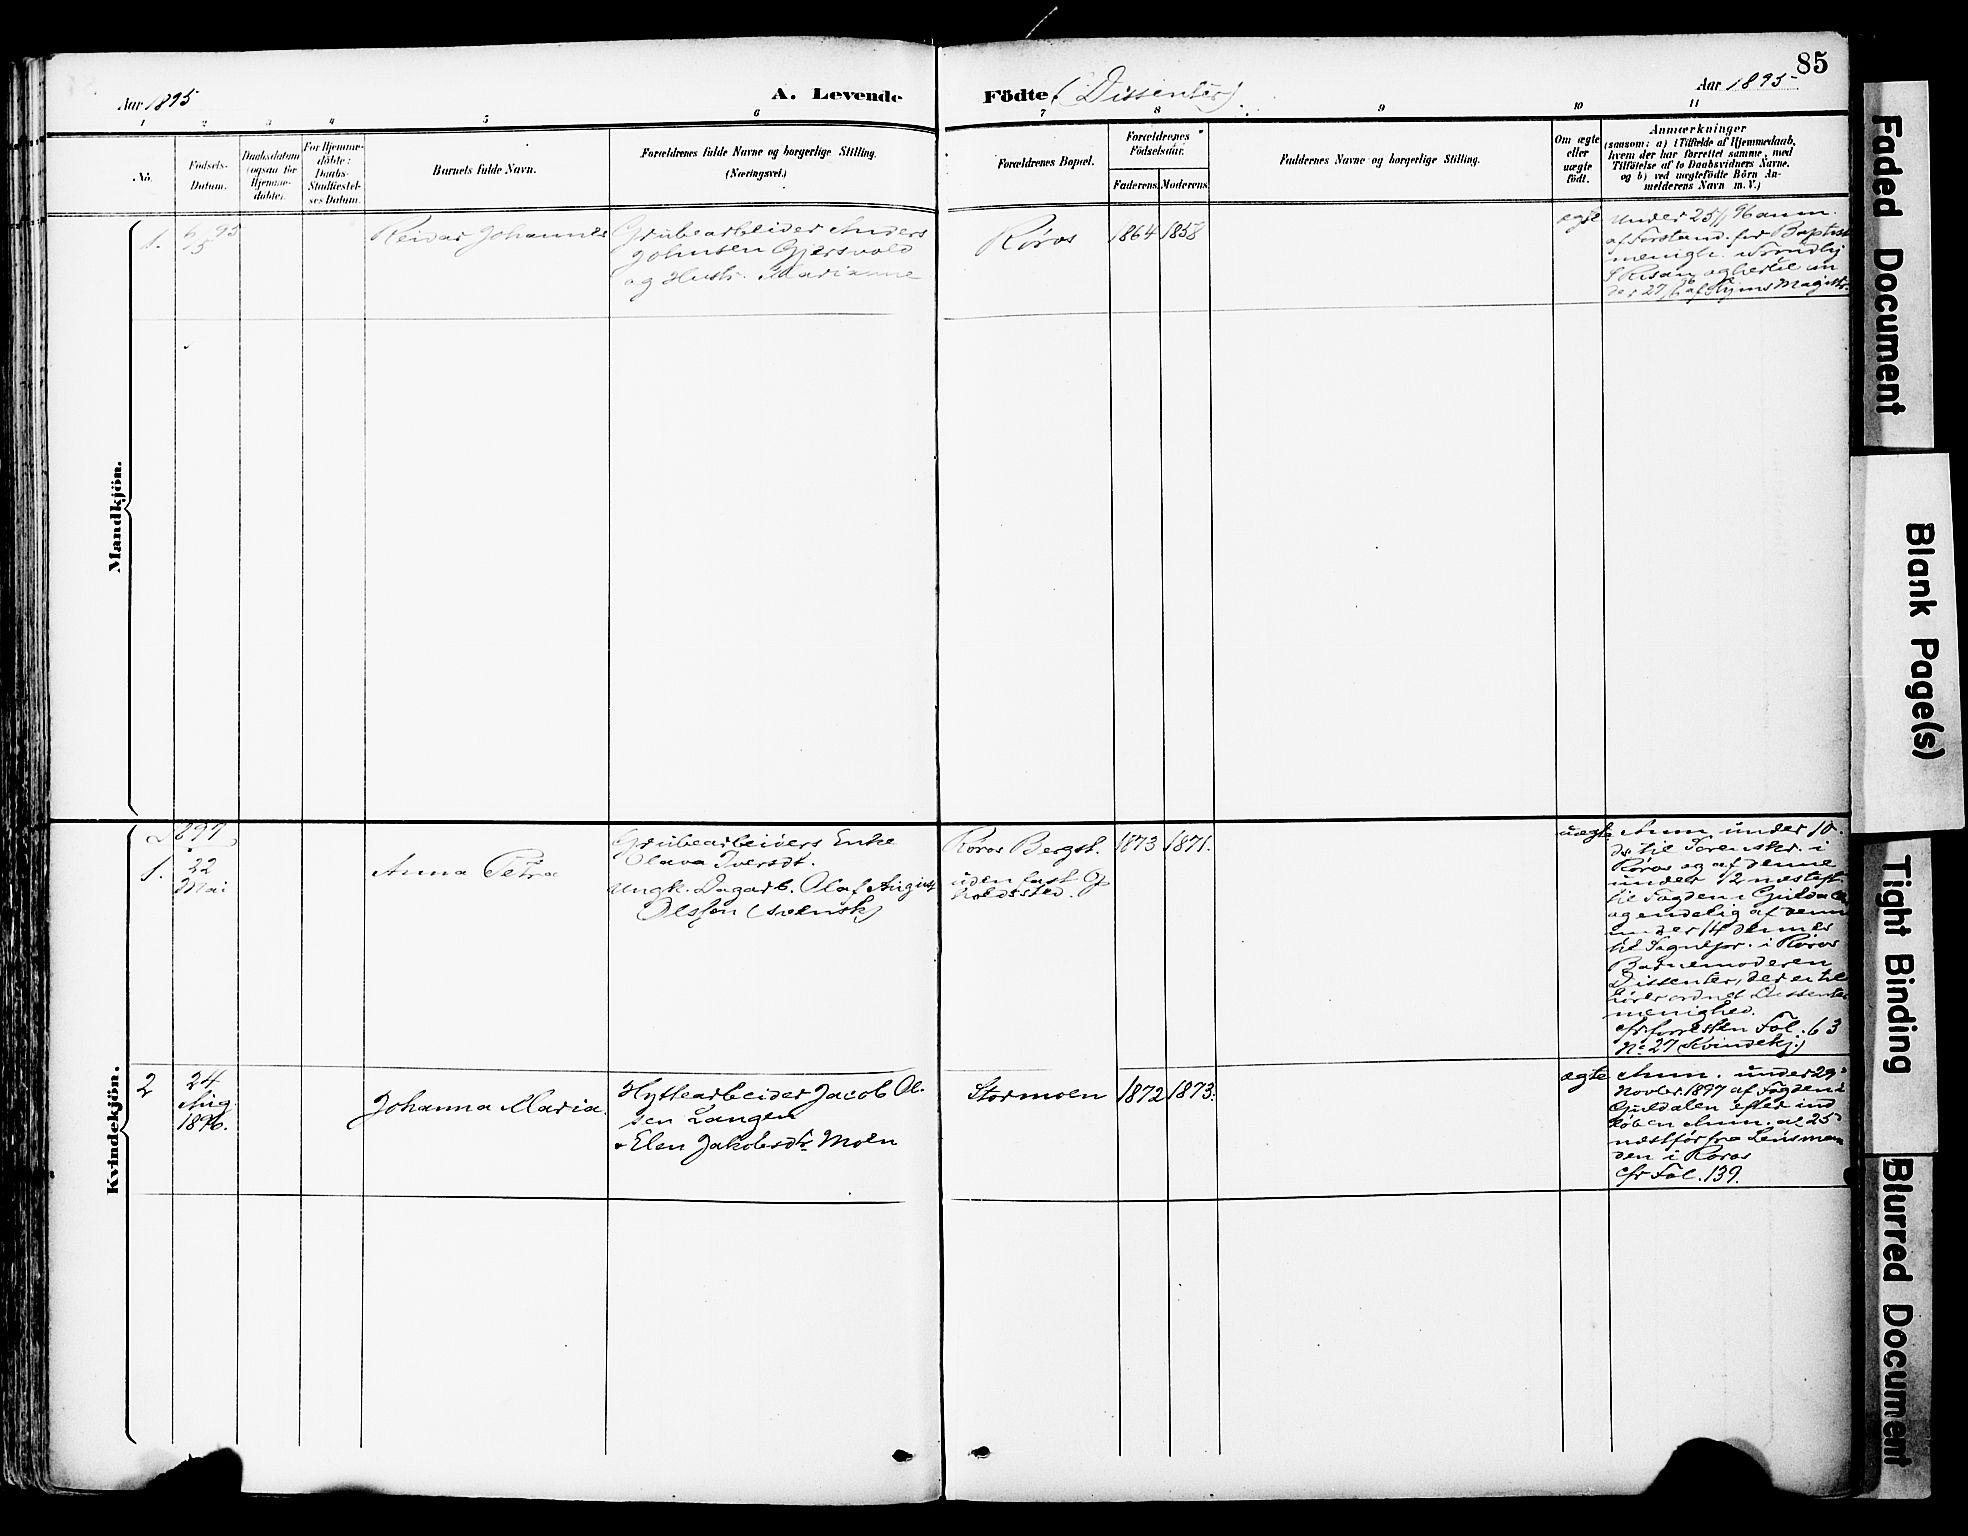 SAT, Ministerialprotokoller, klokkerbøker og fødselsregistre - Sør-Trøndelag, 681/L0935: Ministerialbok nr. 681A13, 1890-1898, s. 85